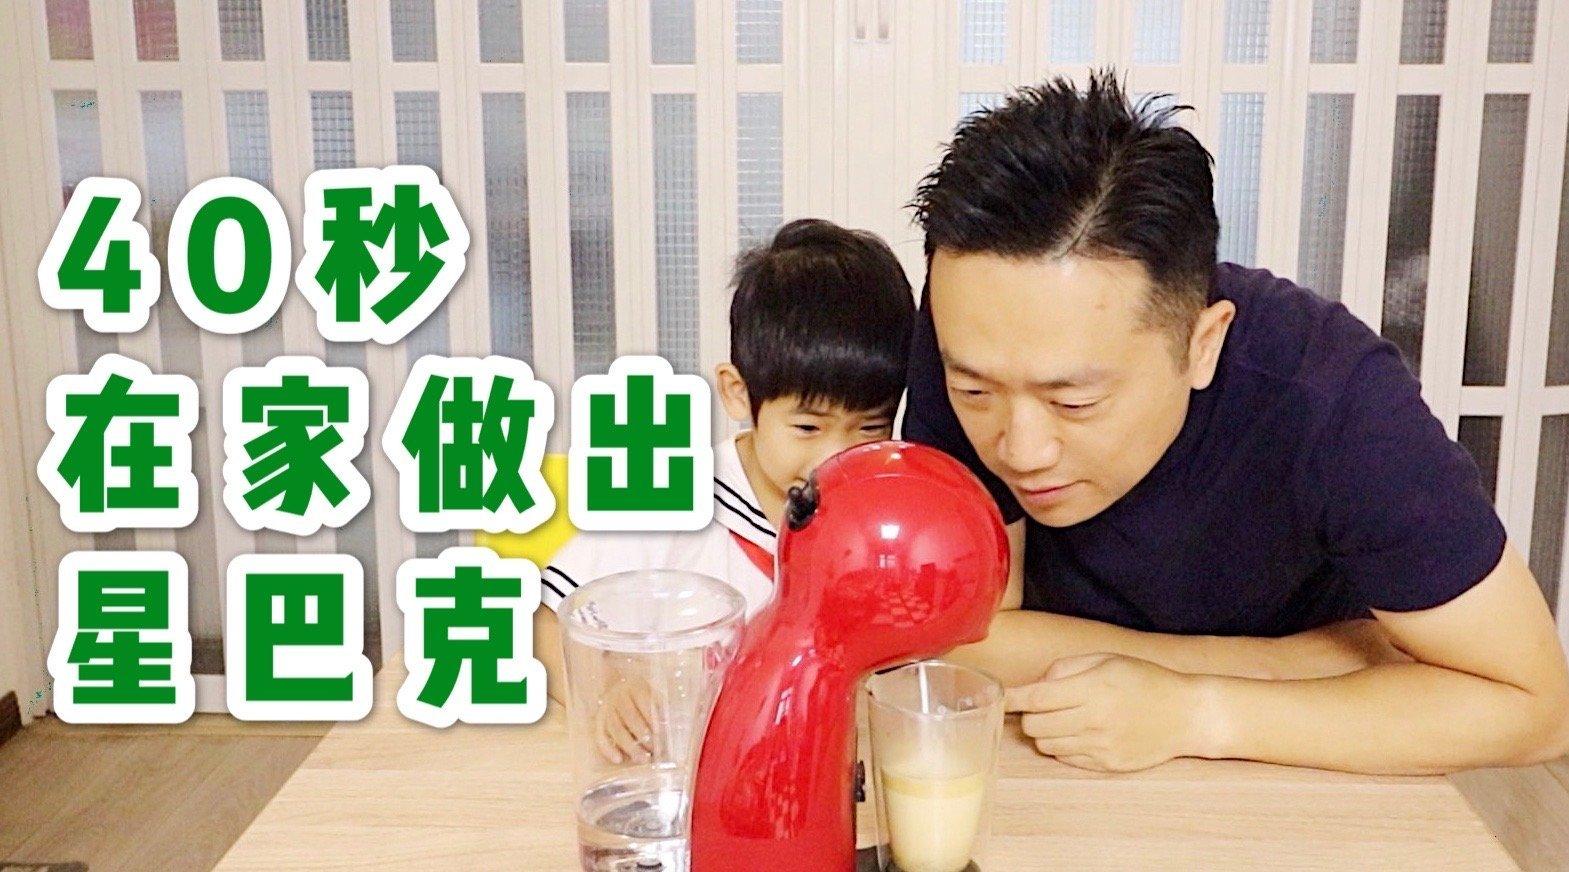 第132集VLOG:父子开箱懒人咖啡机,40秒在家做出纯正星巴克